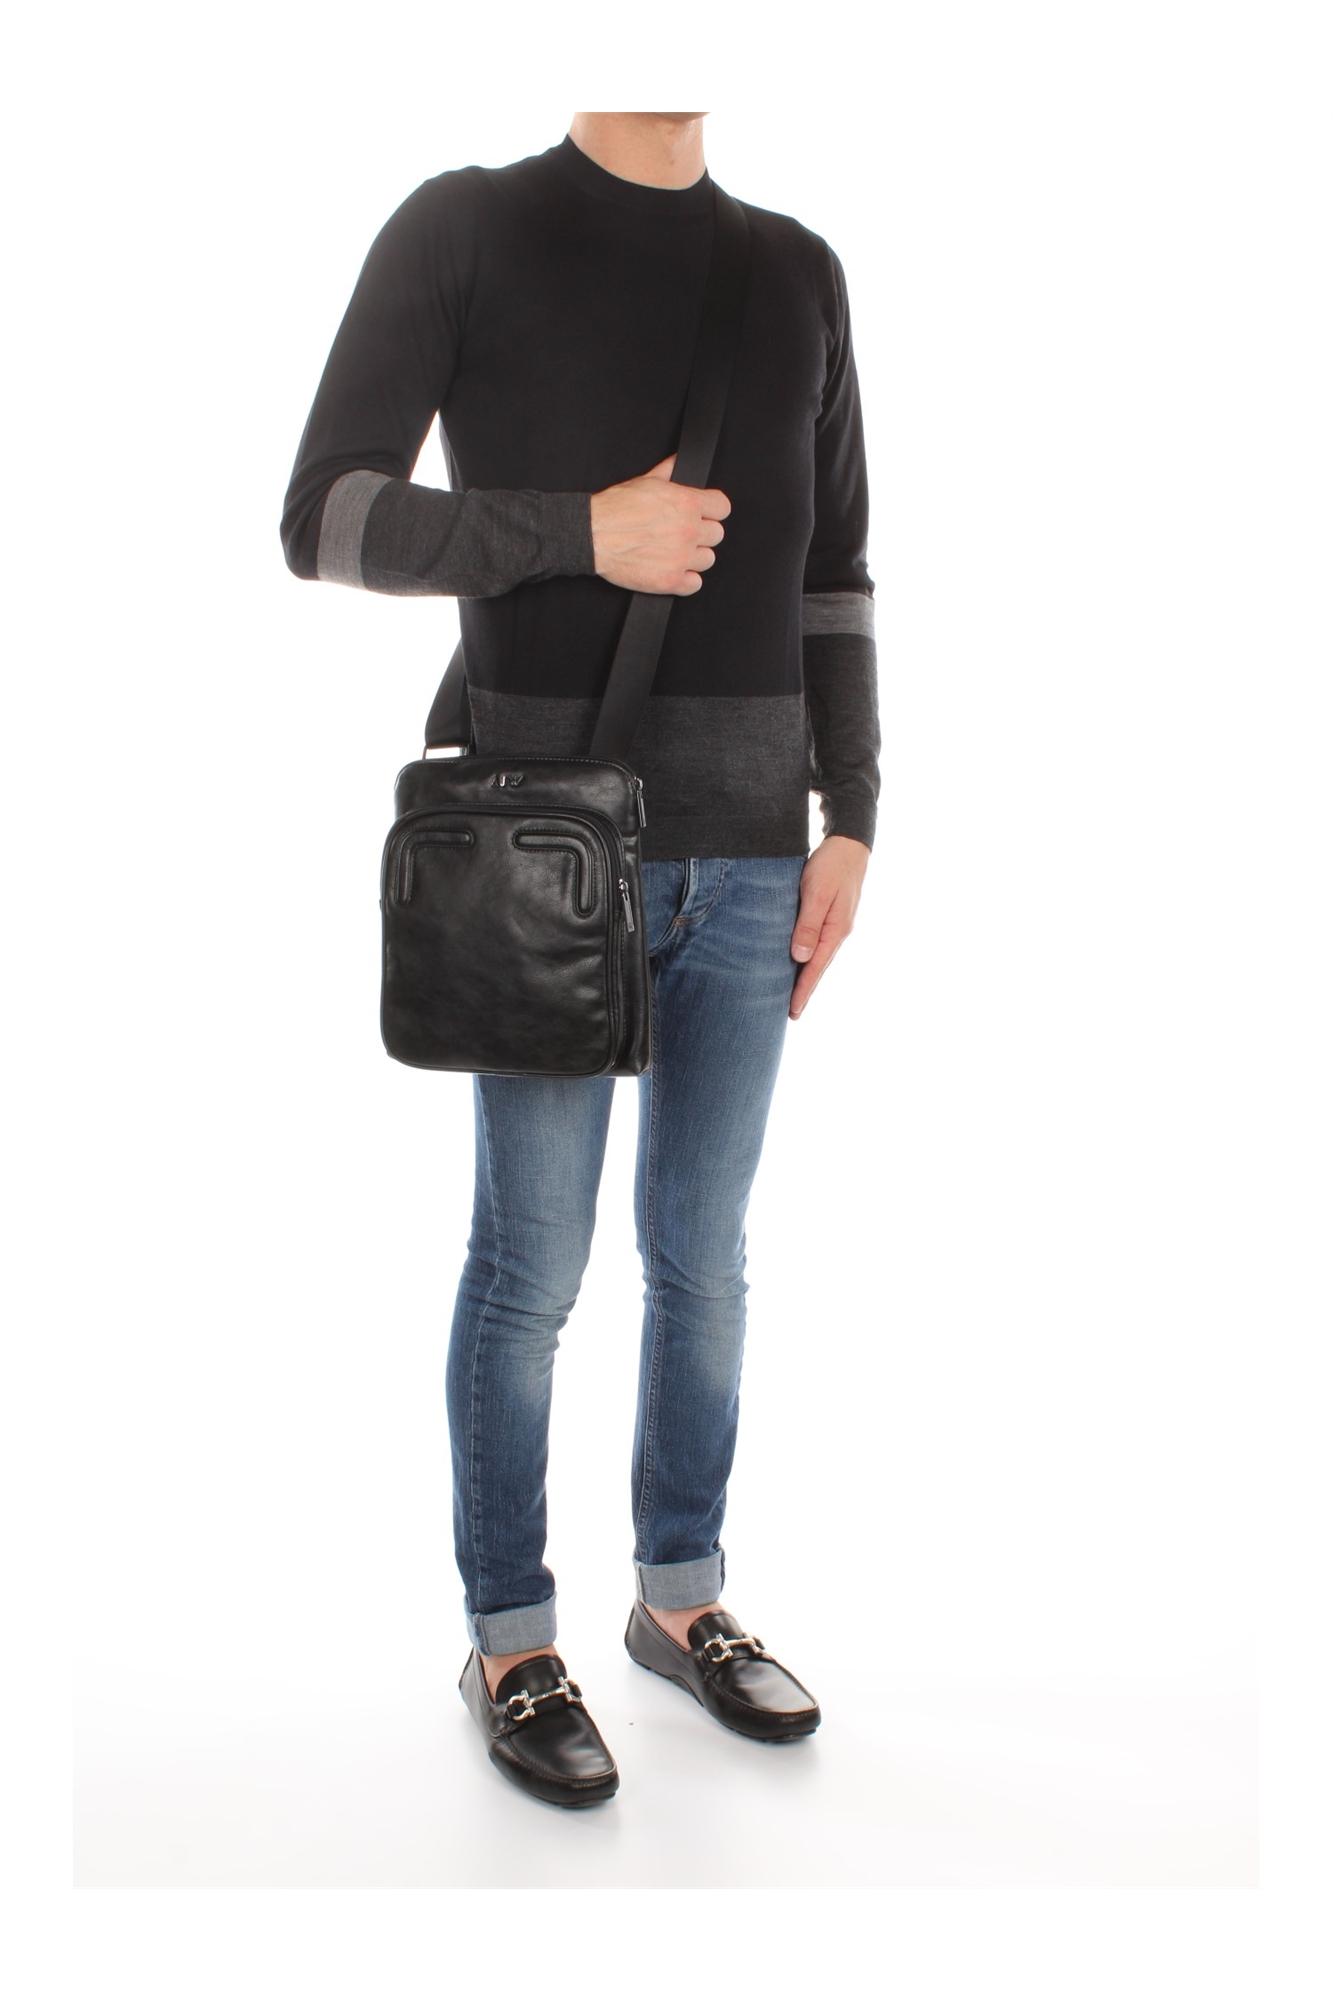 Borse A Tracolla Uomo Armani Jeans : Borse a tracolla armani jeans uomo poliuretanica nero